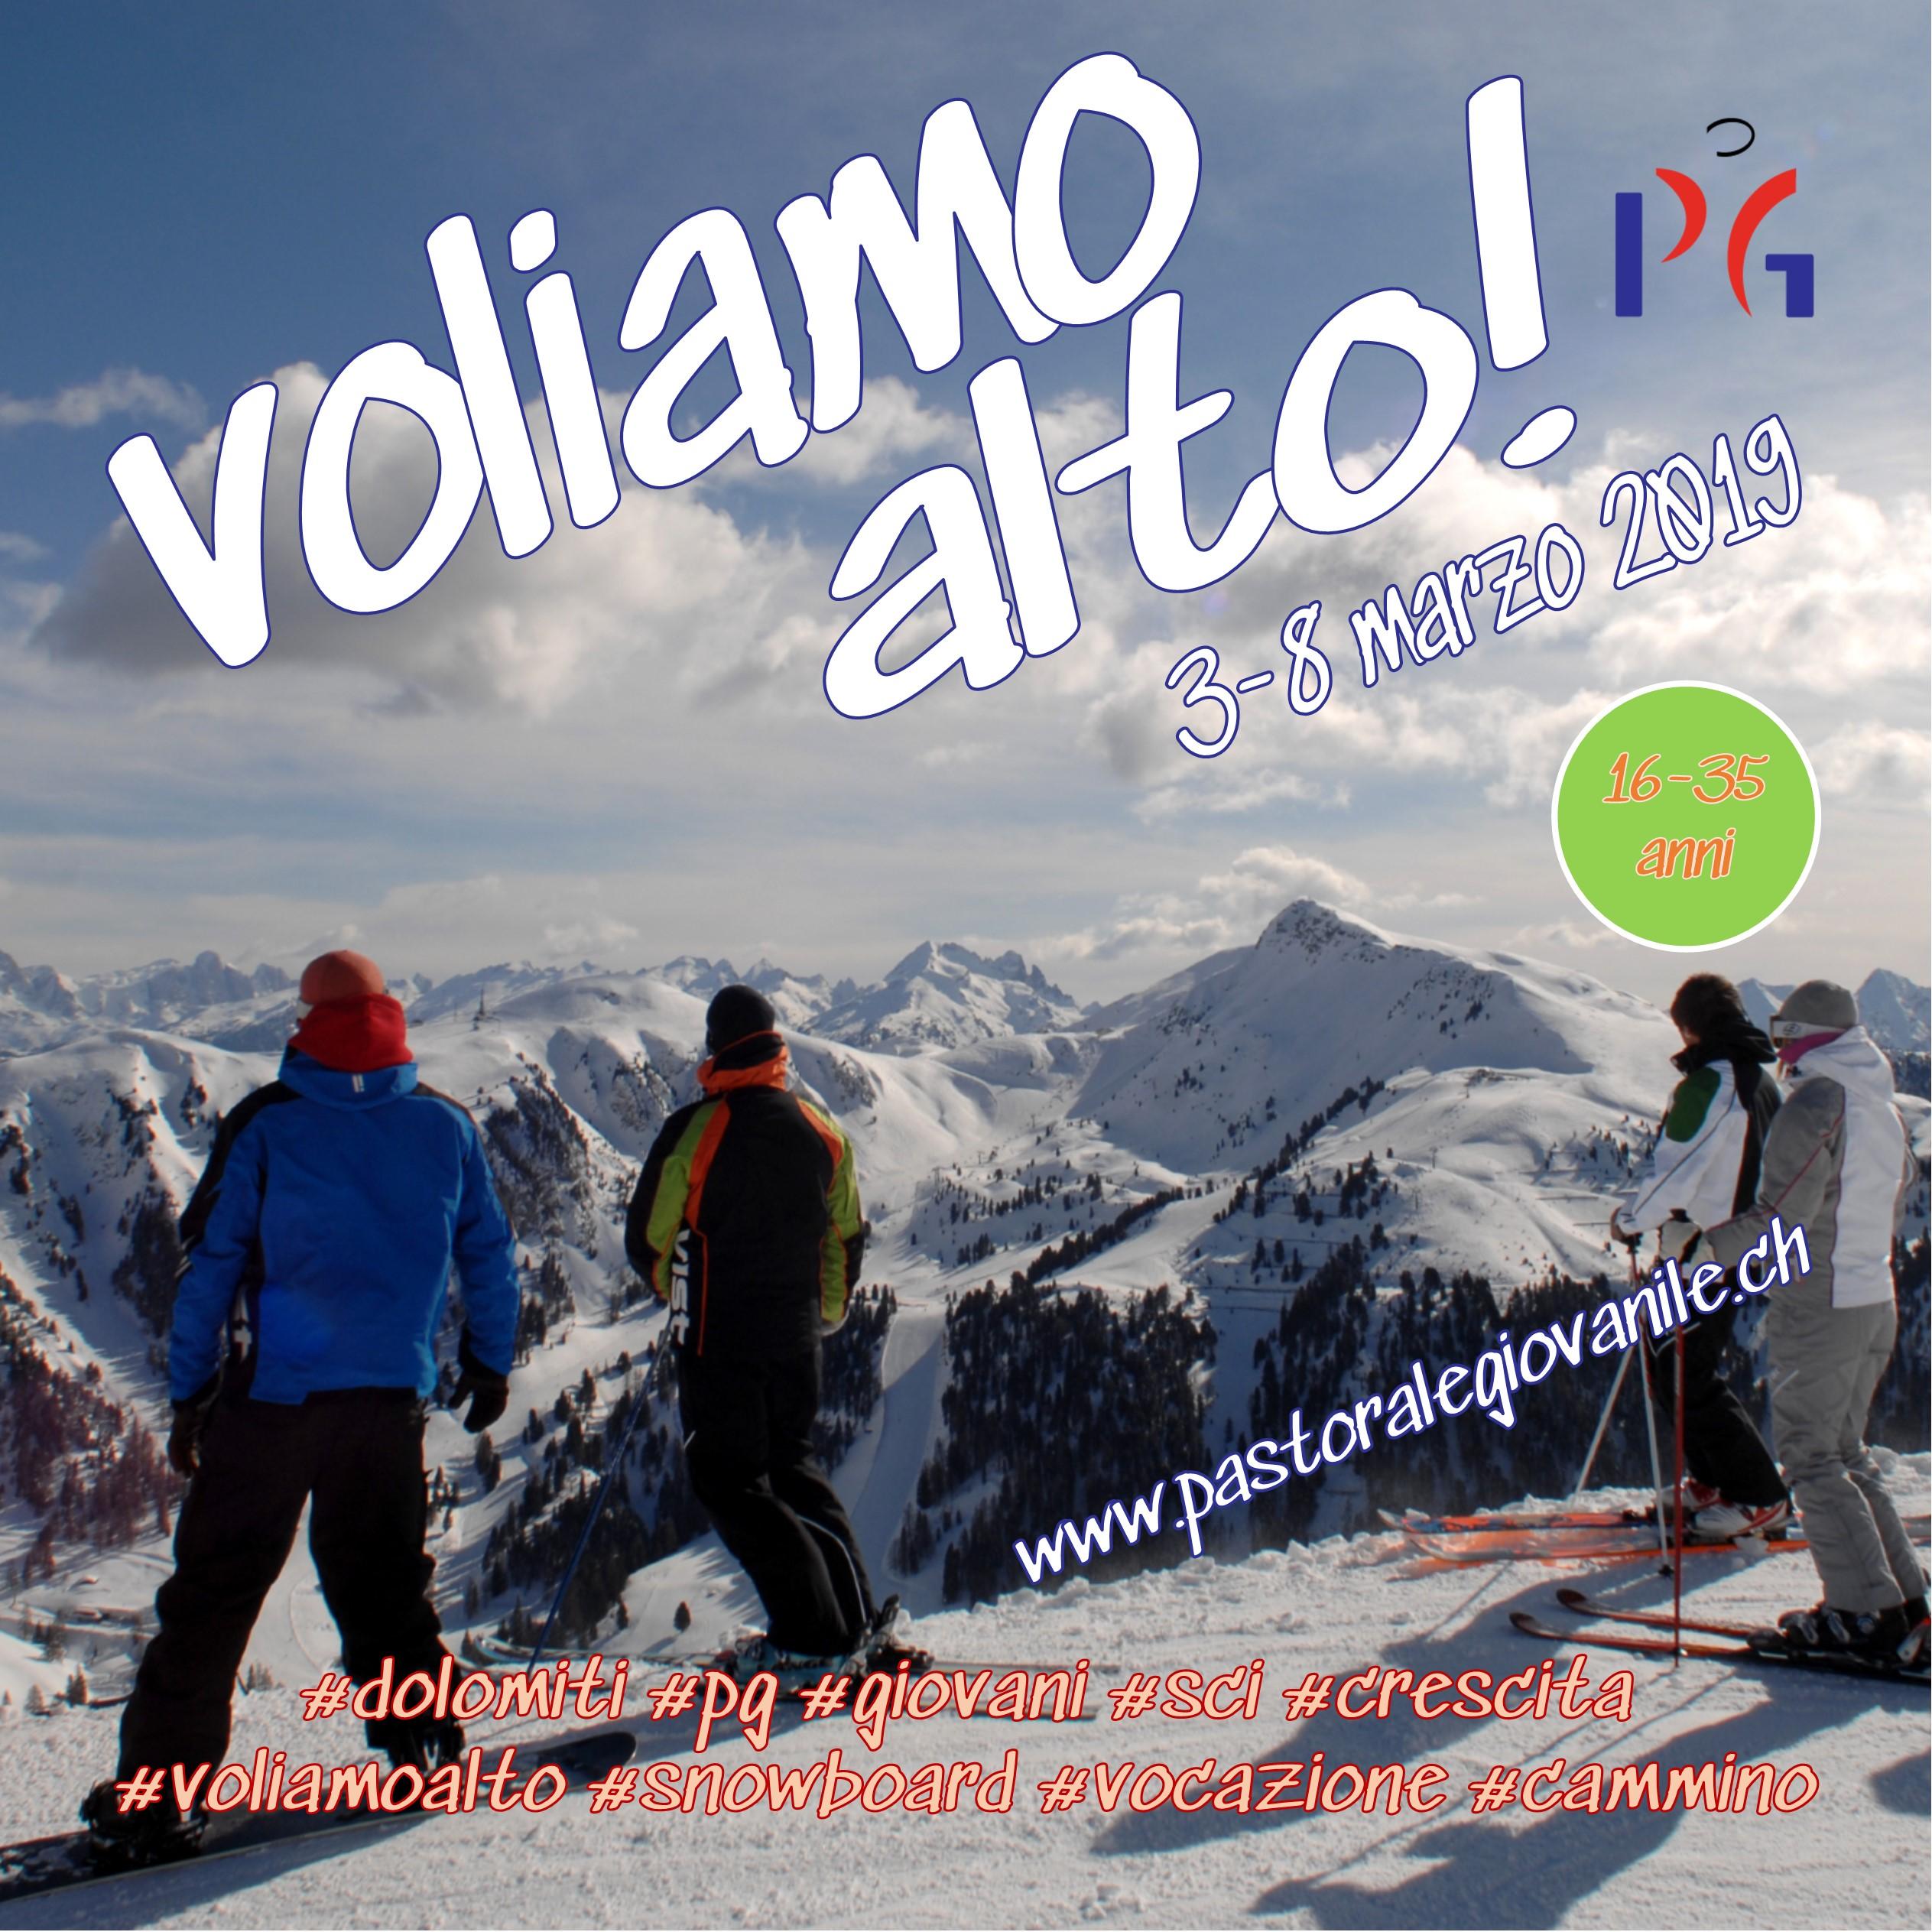 20181121 Volatino 21x21 dolomiti 2019 - F